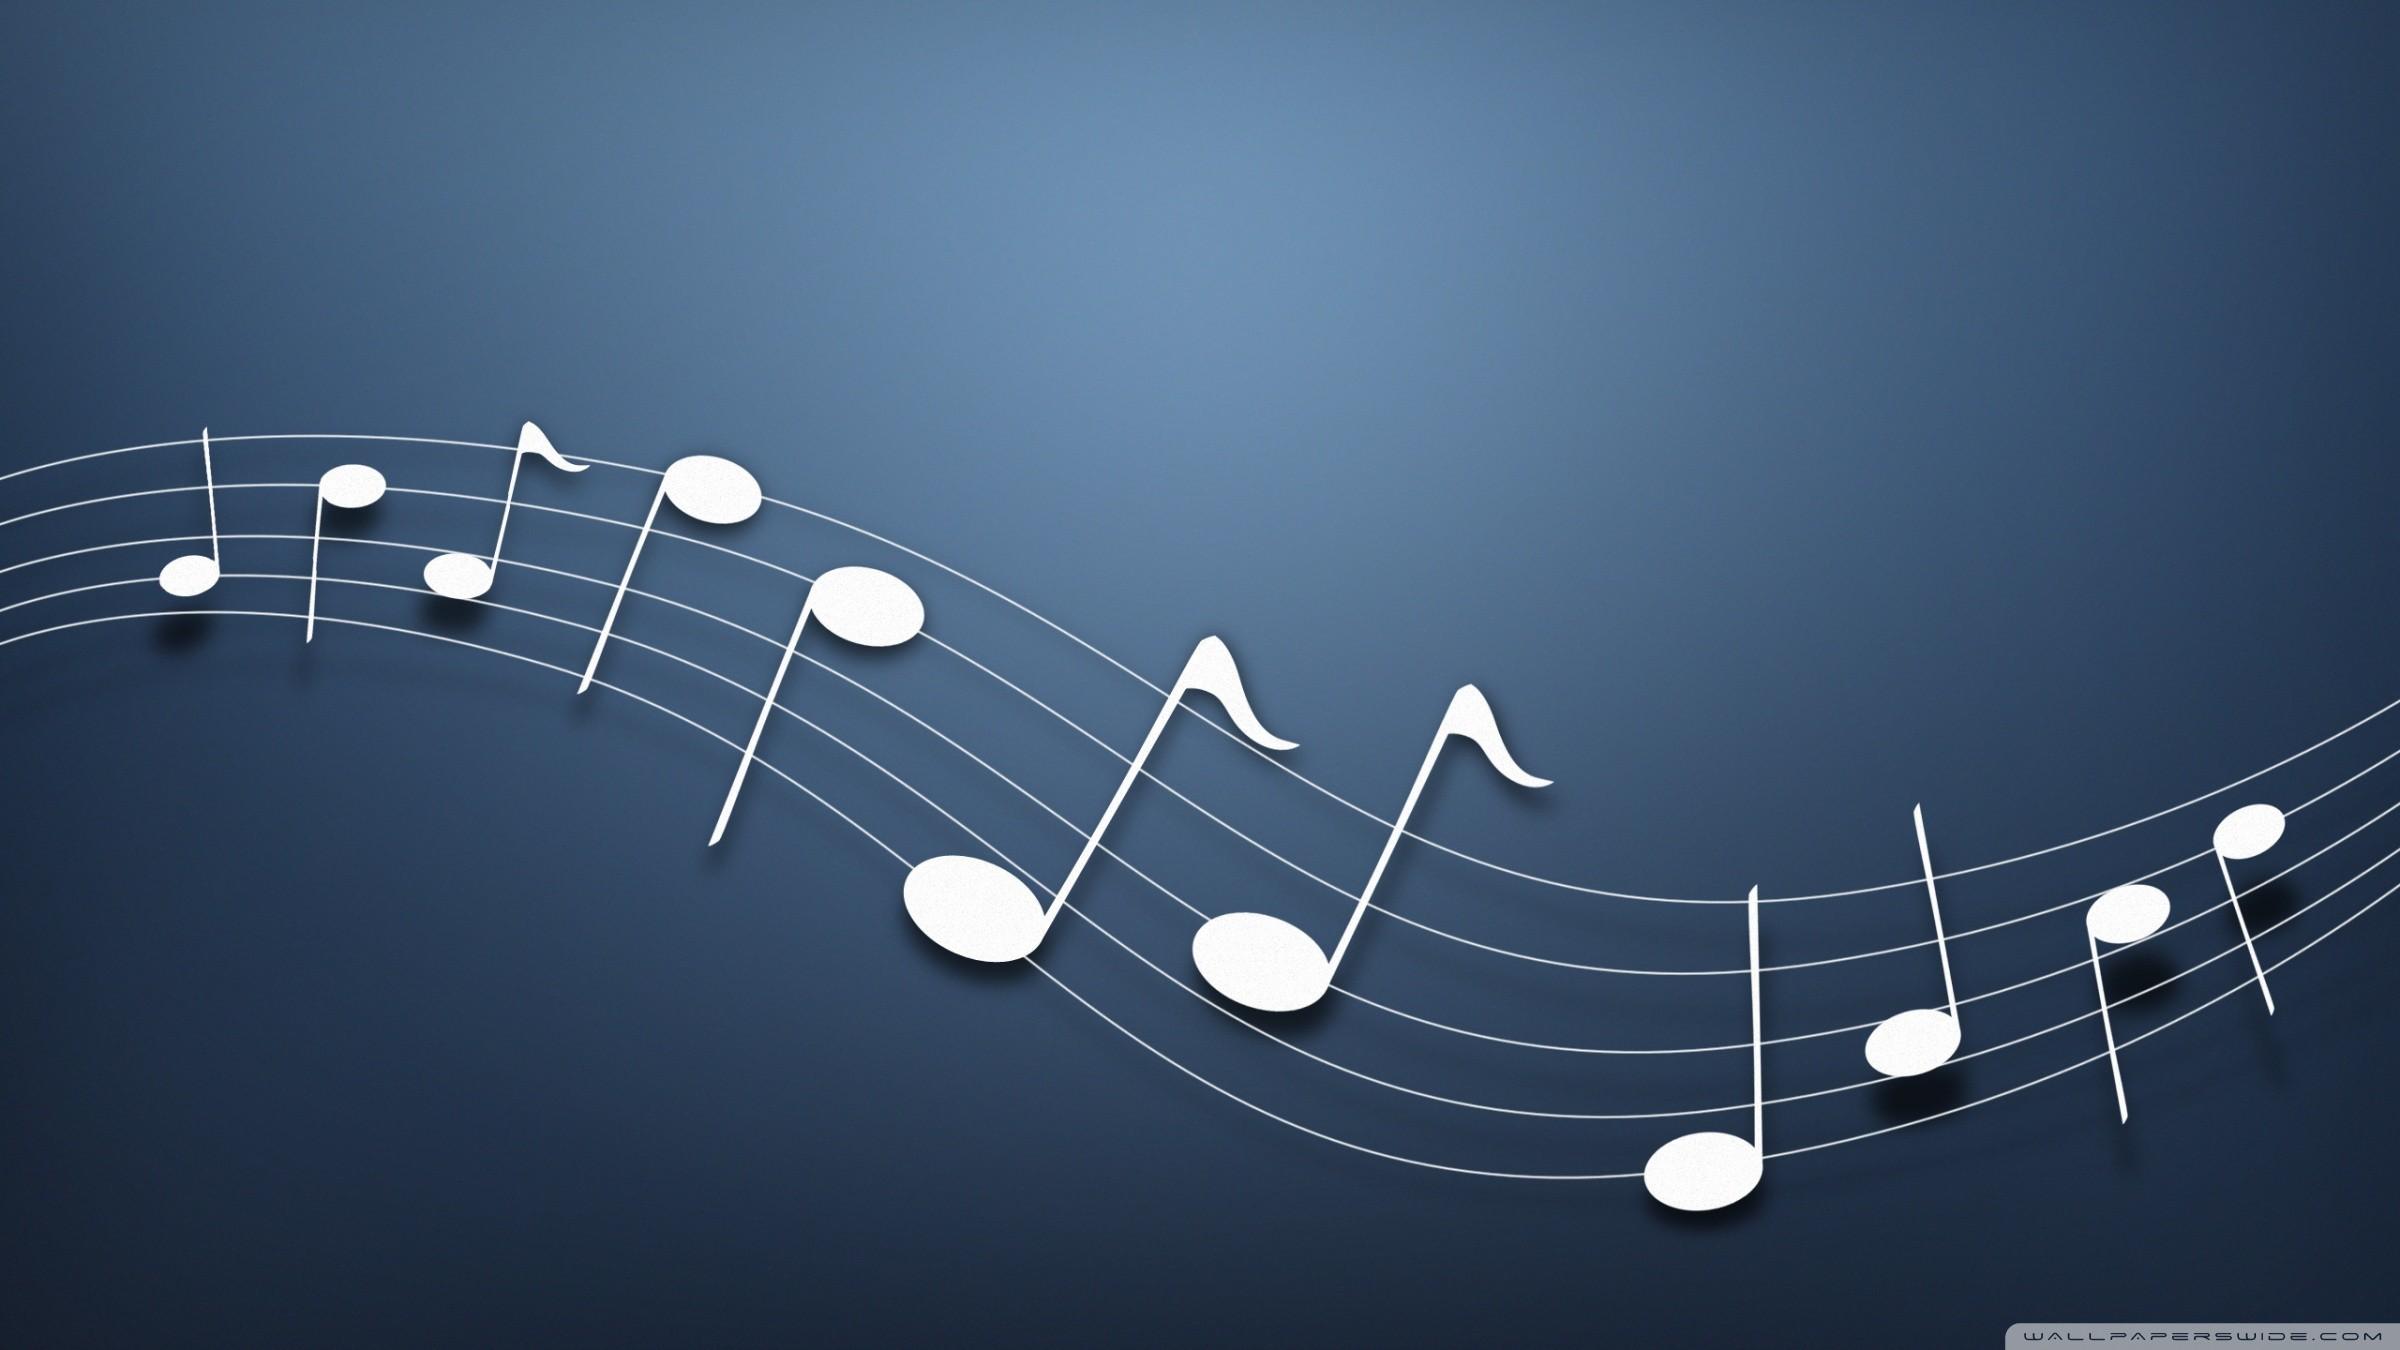 Desktop sfondi musica